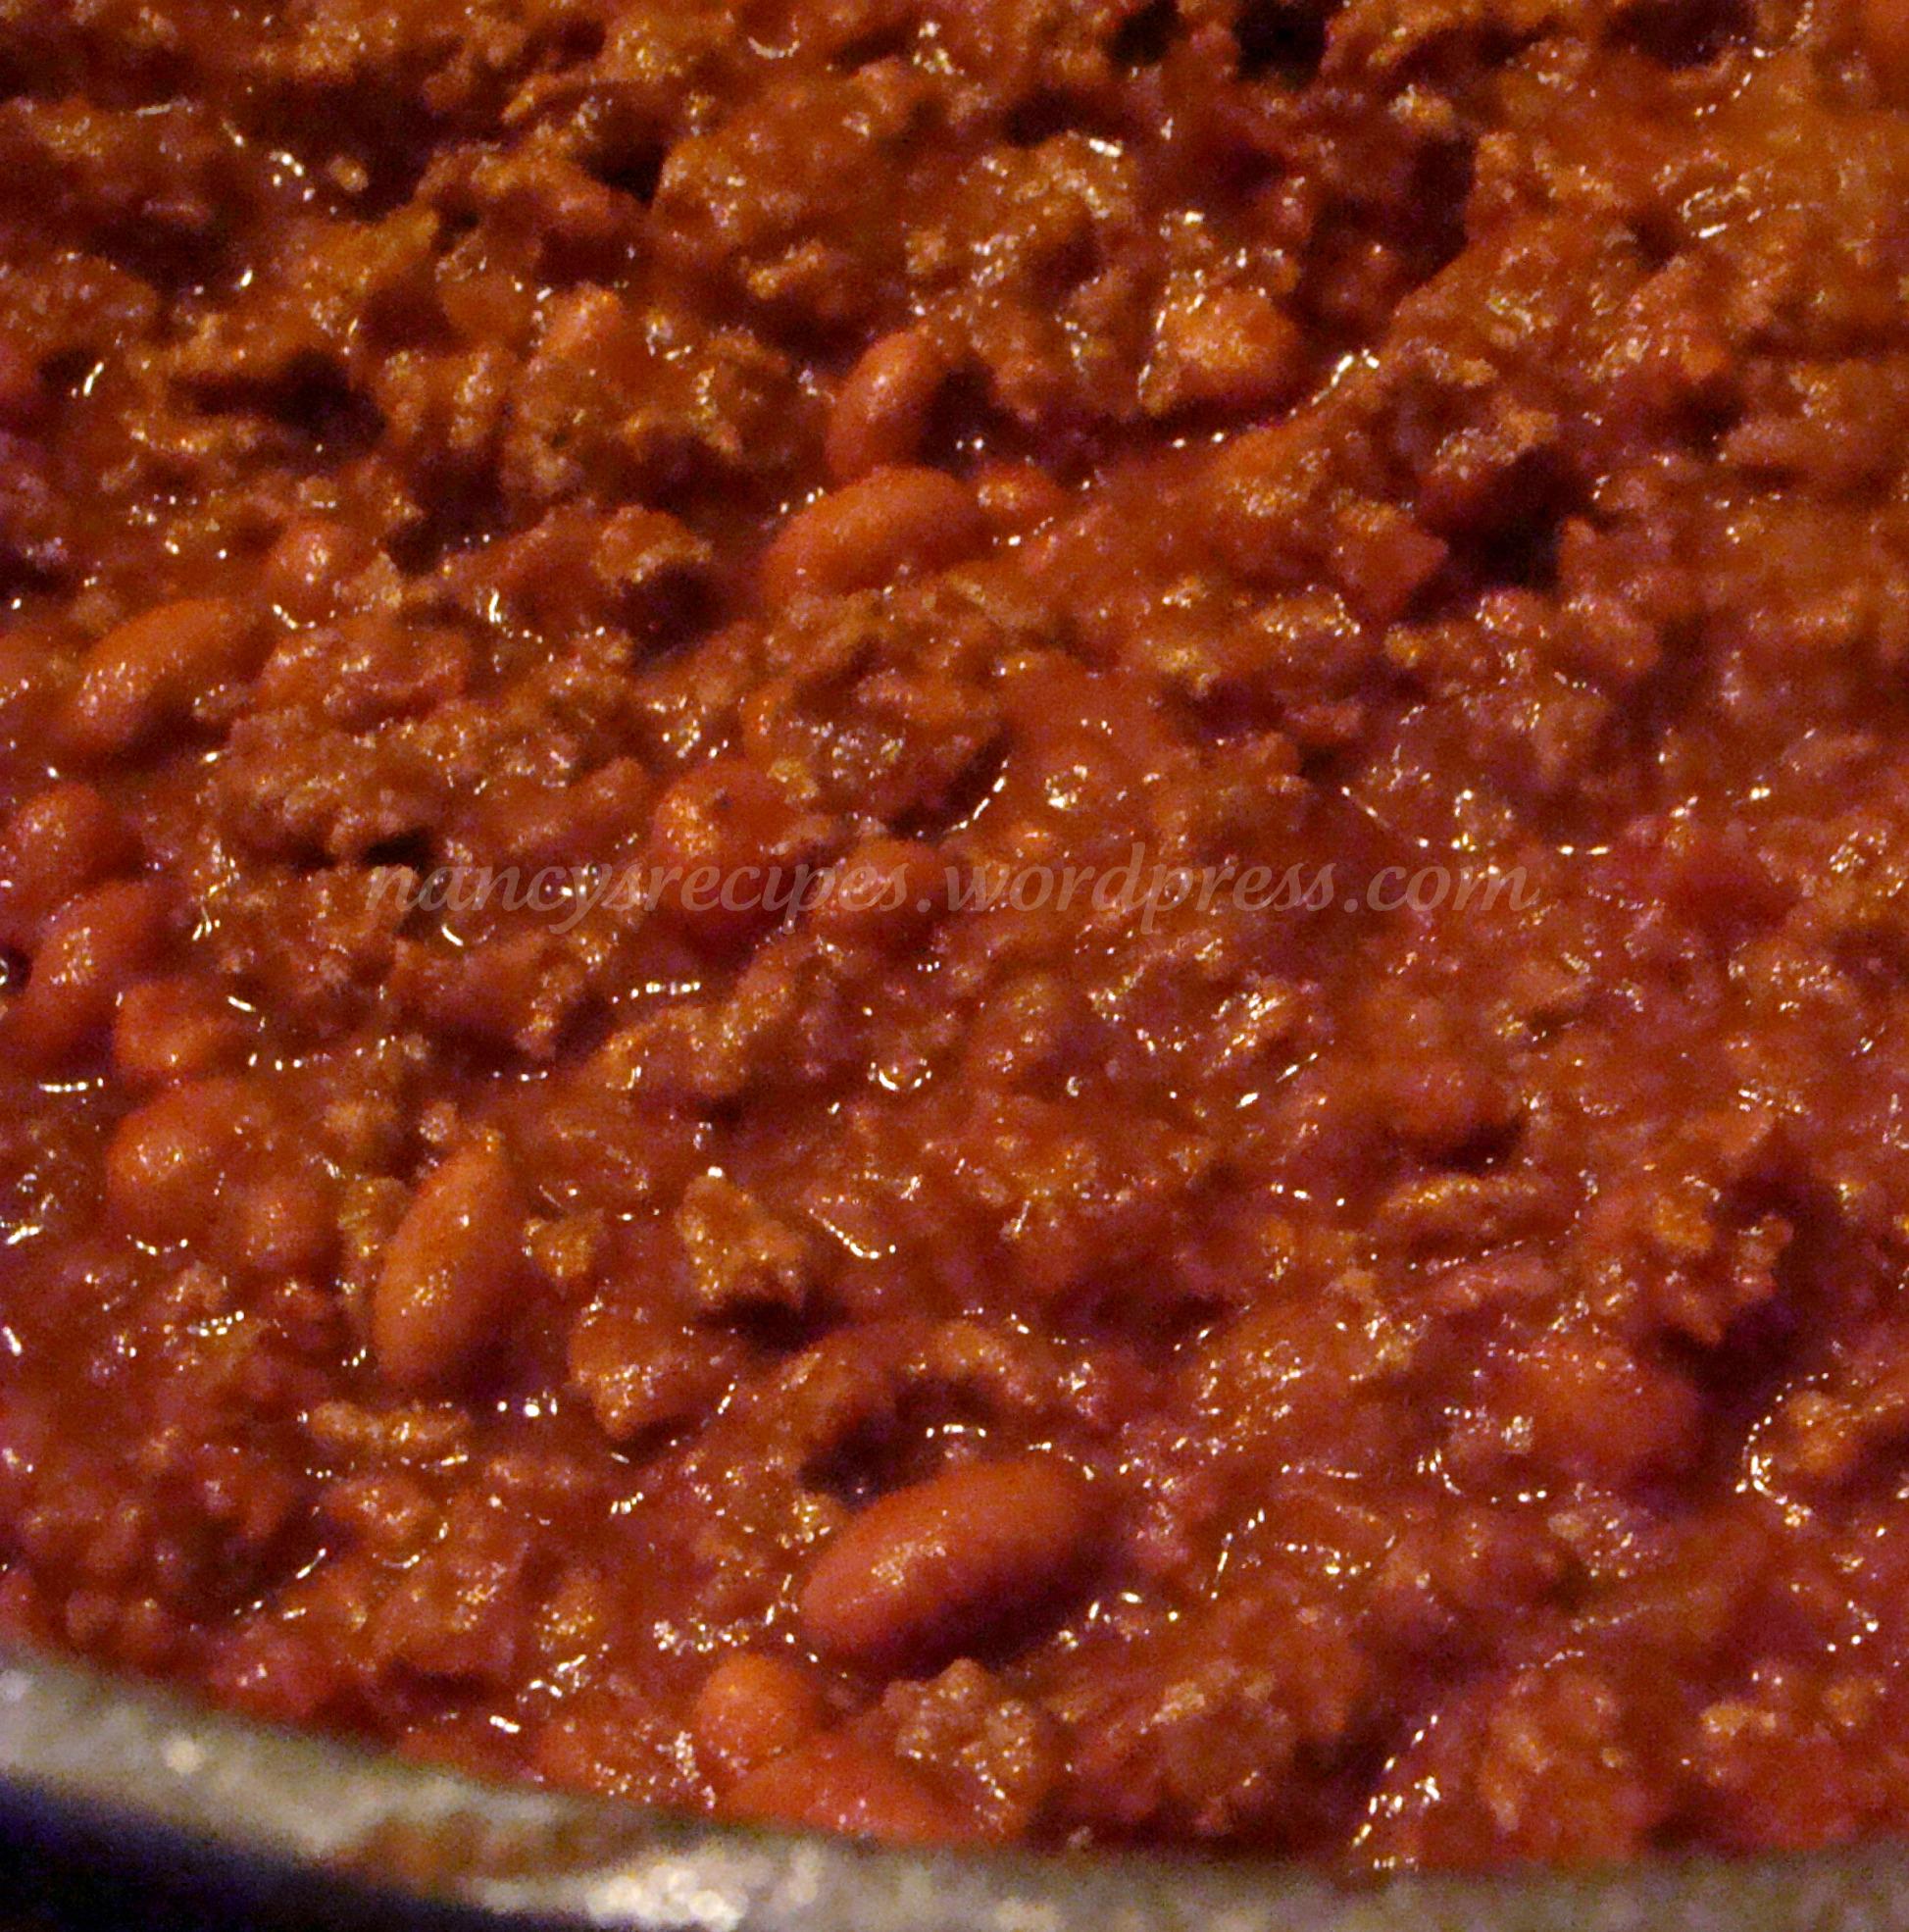 Chili recipes - Chili Honey Butter Recipe